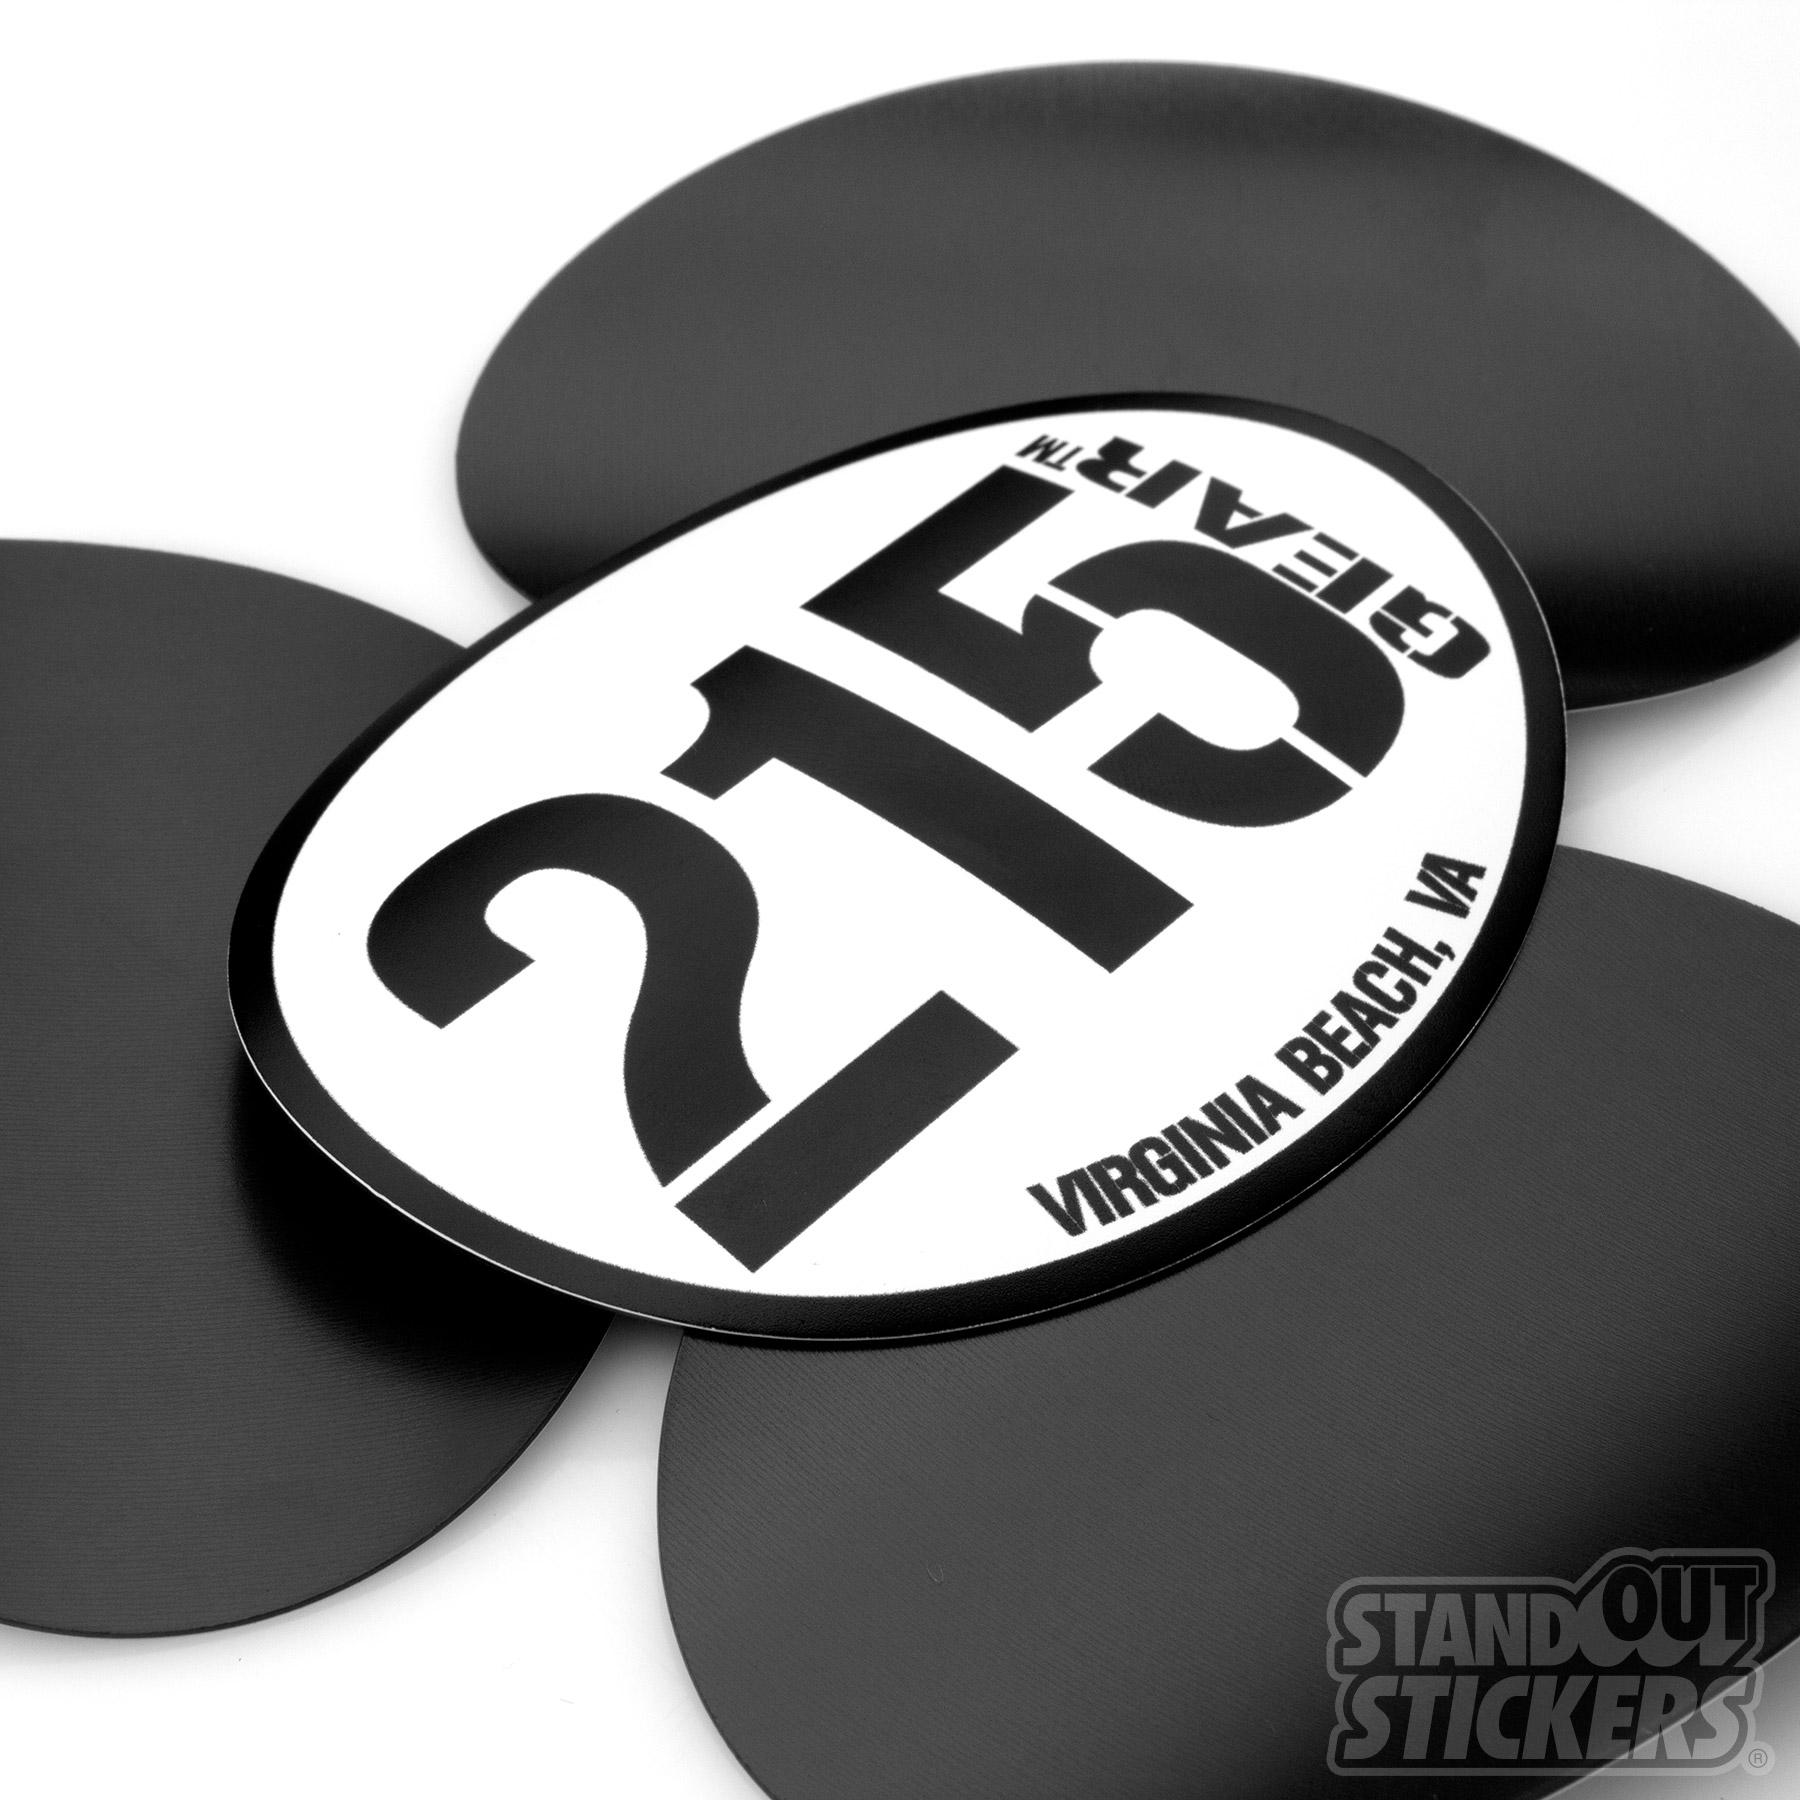 215 Gear Oval Fridge Magnets